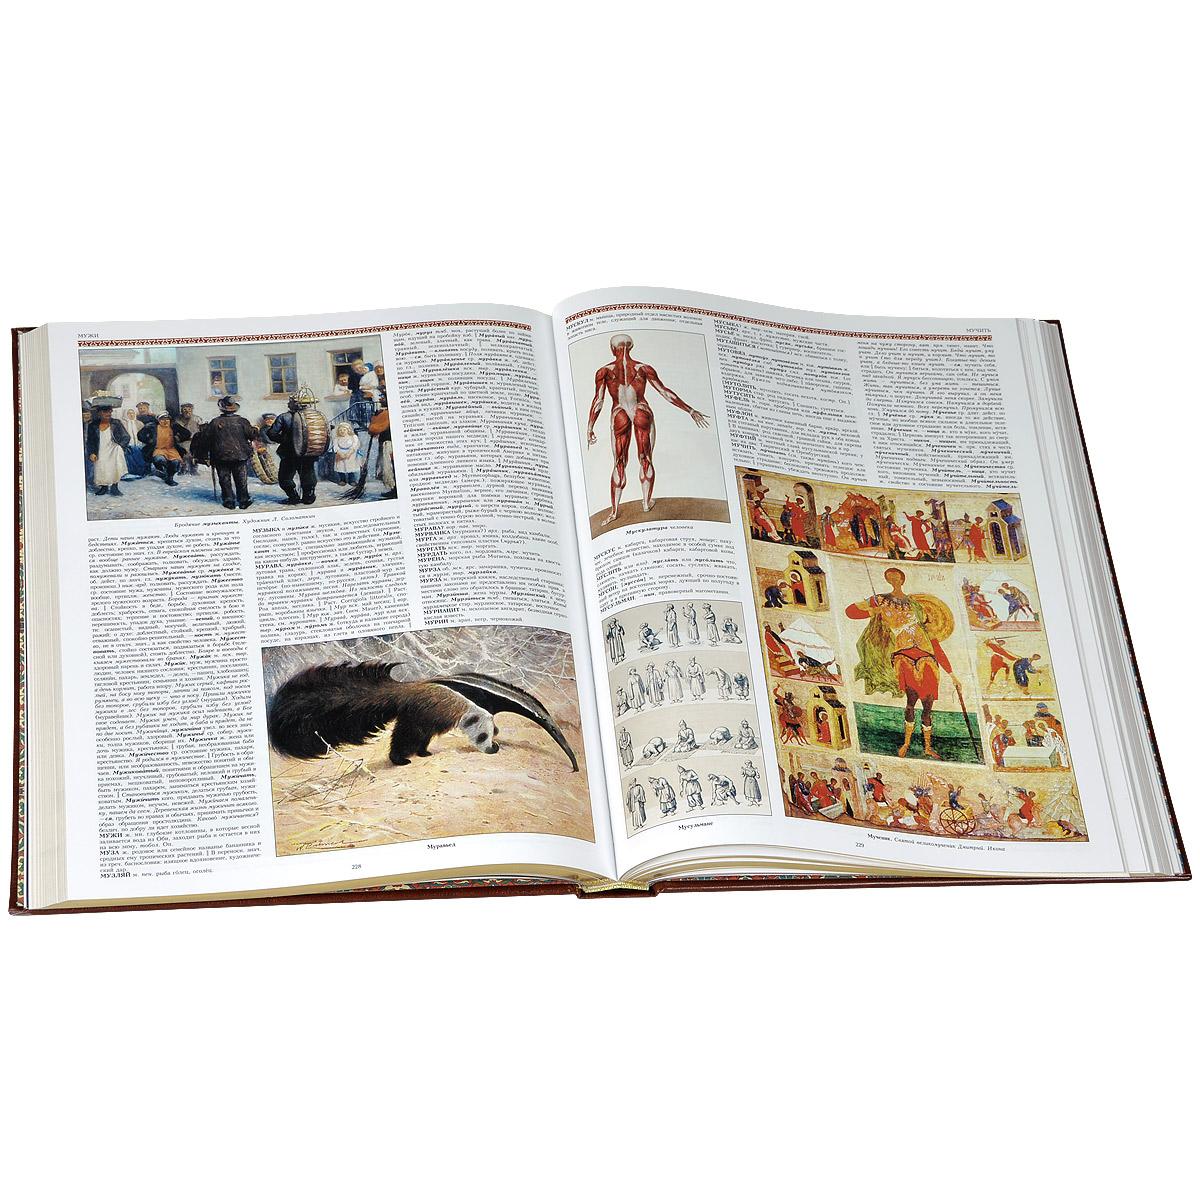 Иллюстрированный толковый словарь живого великорусского языка (подарочное издание)